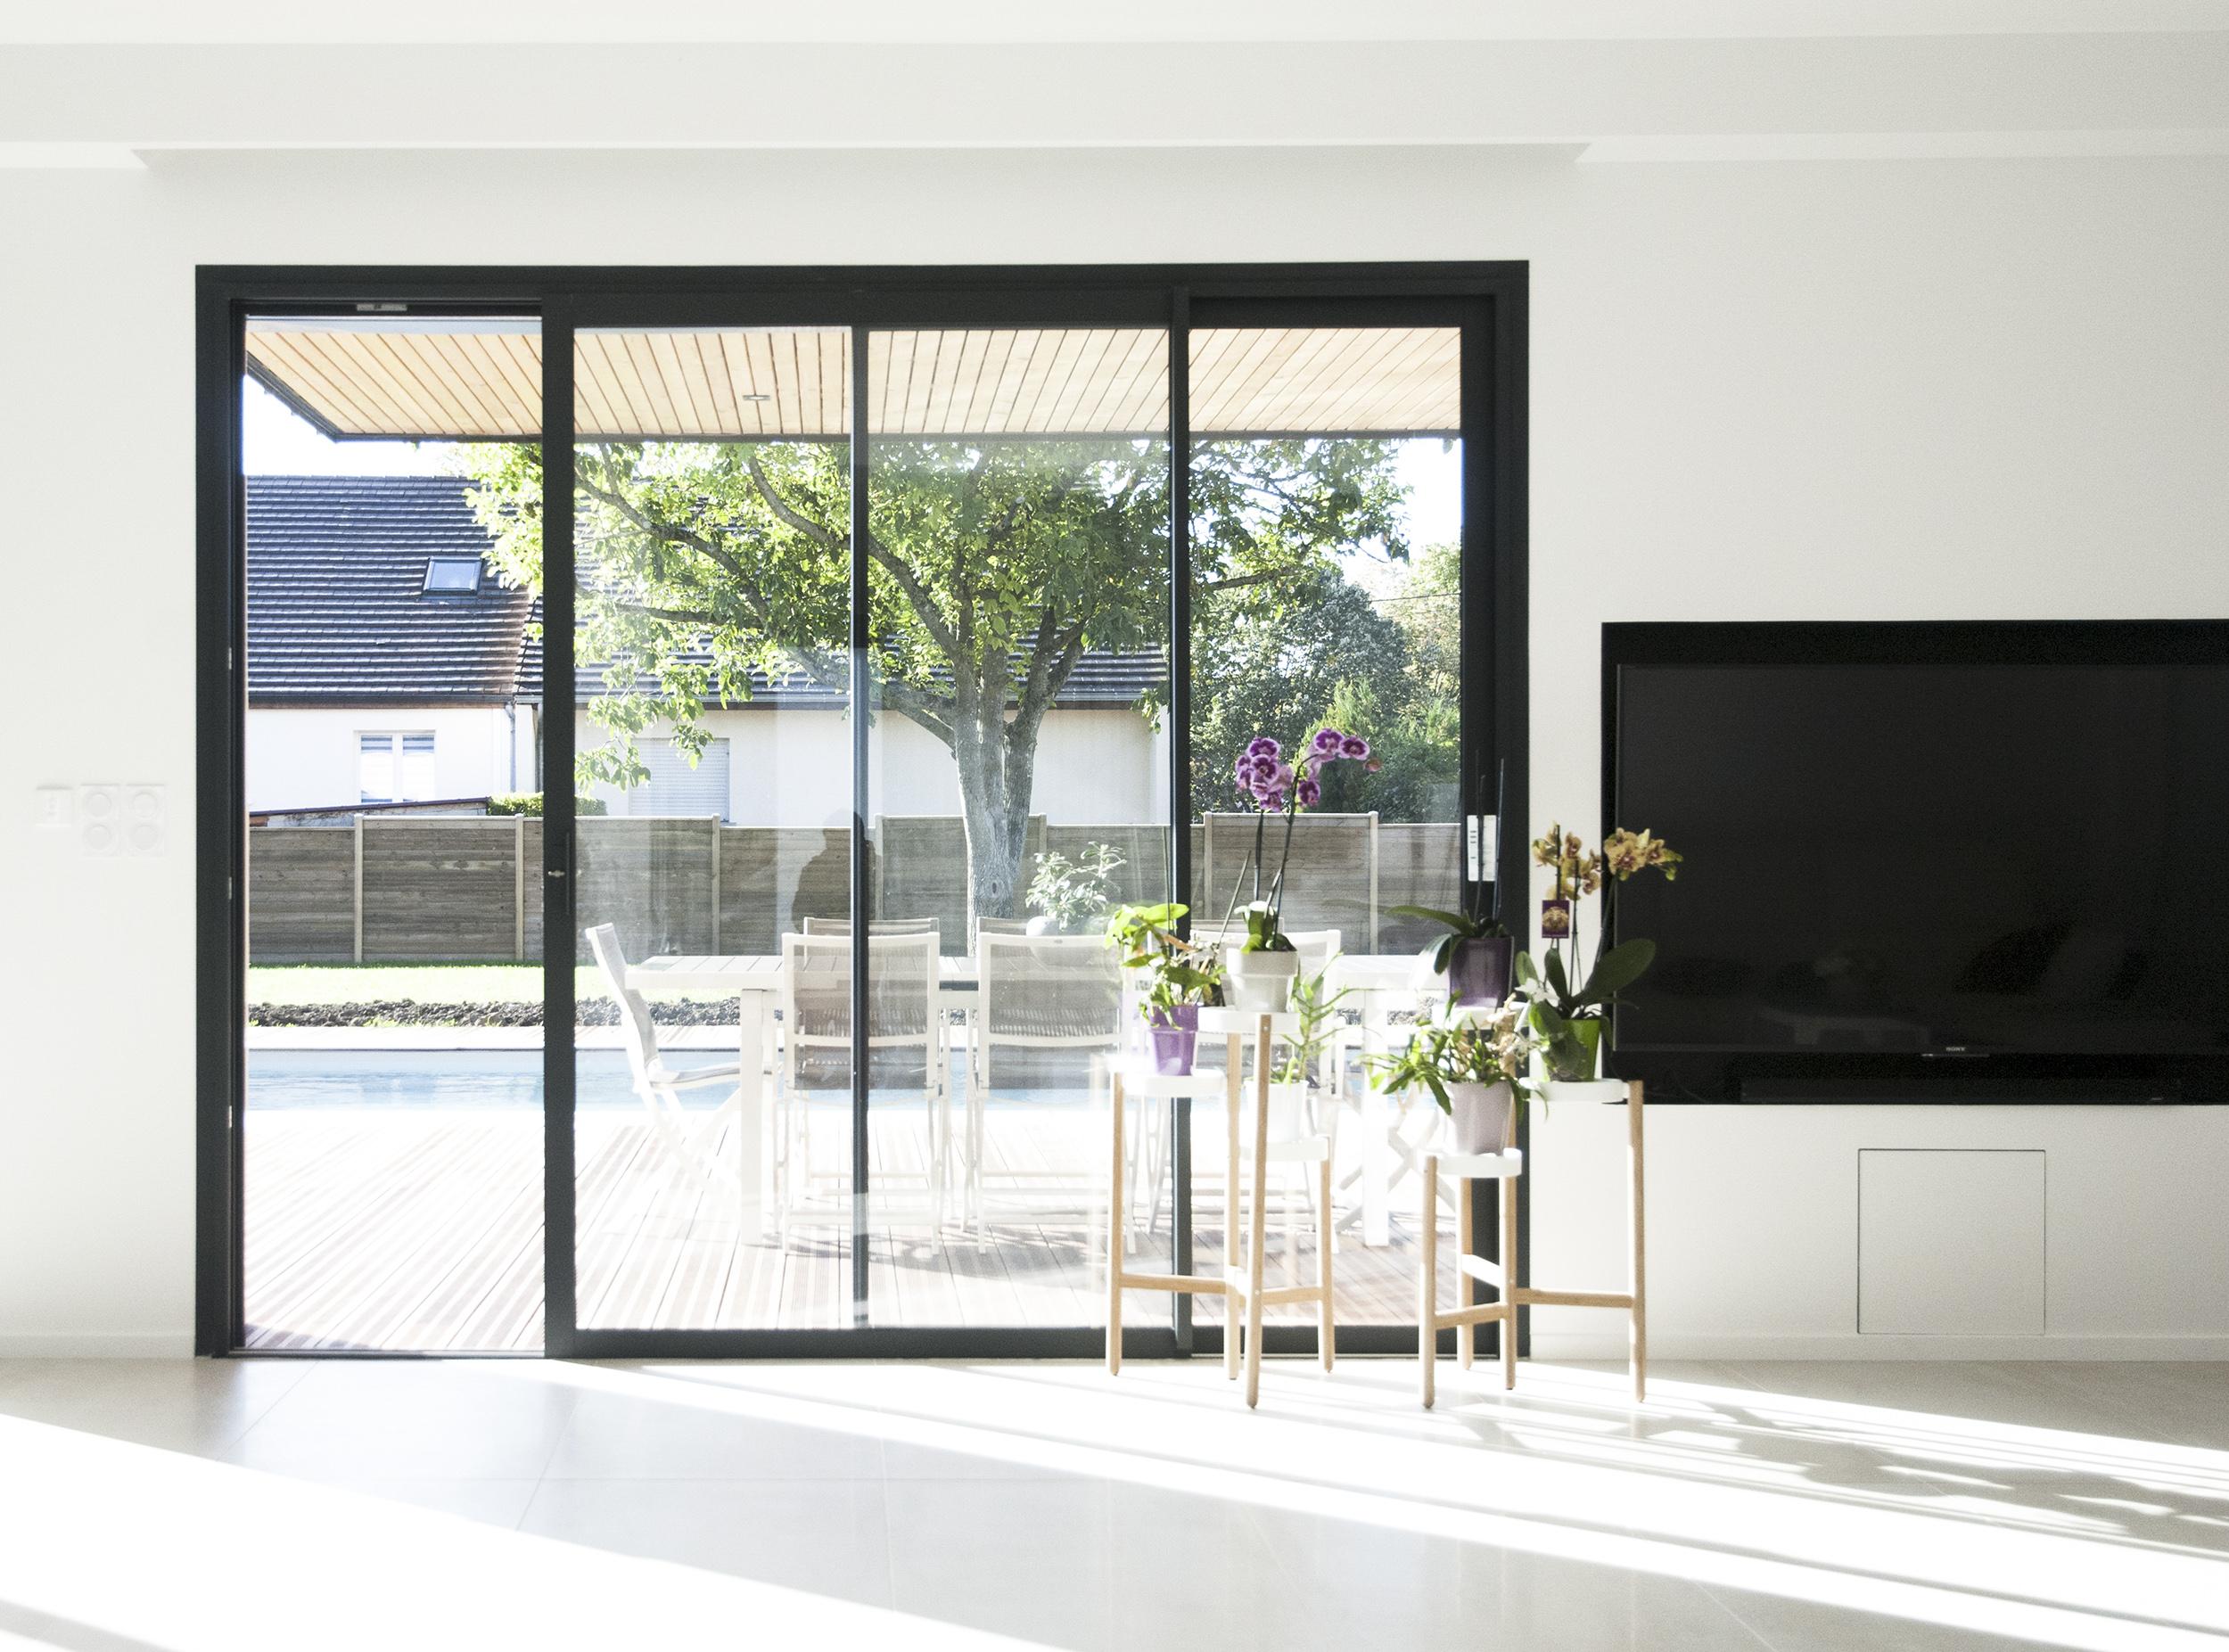 Chouette architecture - Villa Dijon - 2500 26